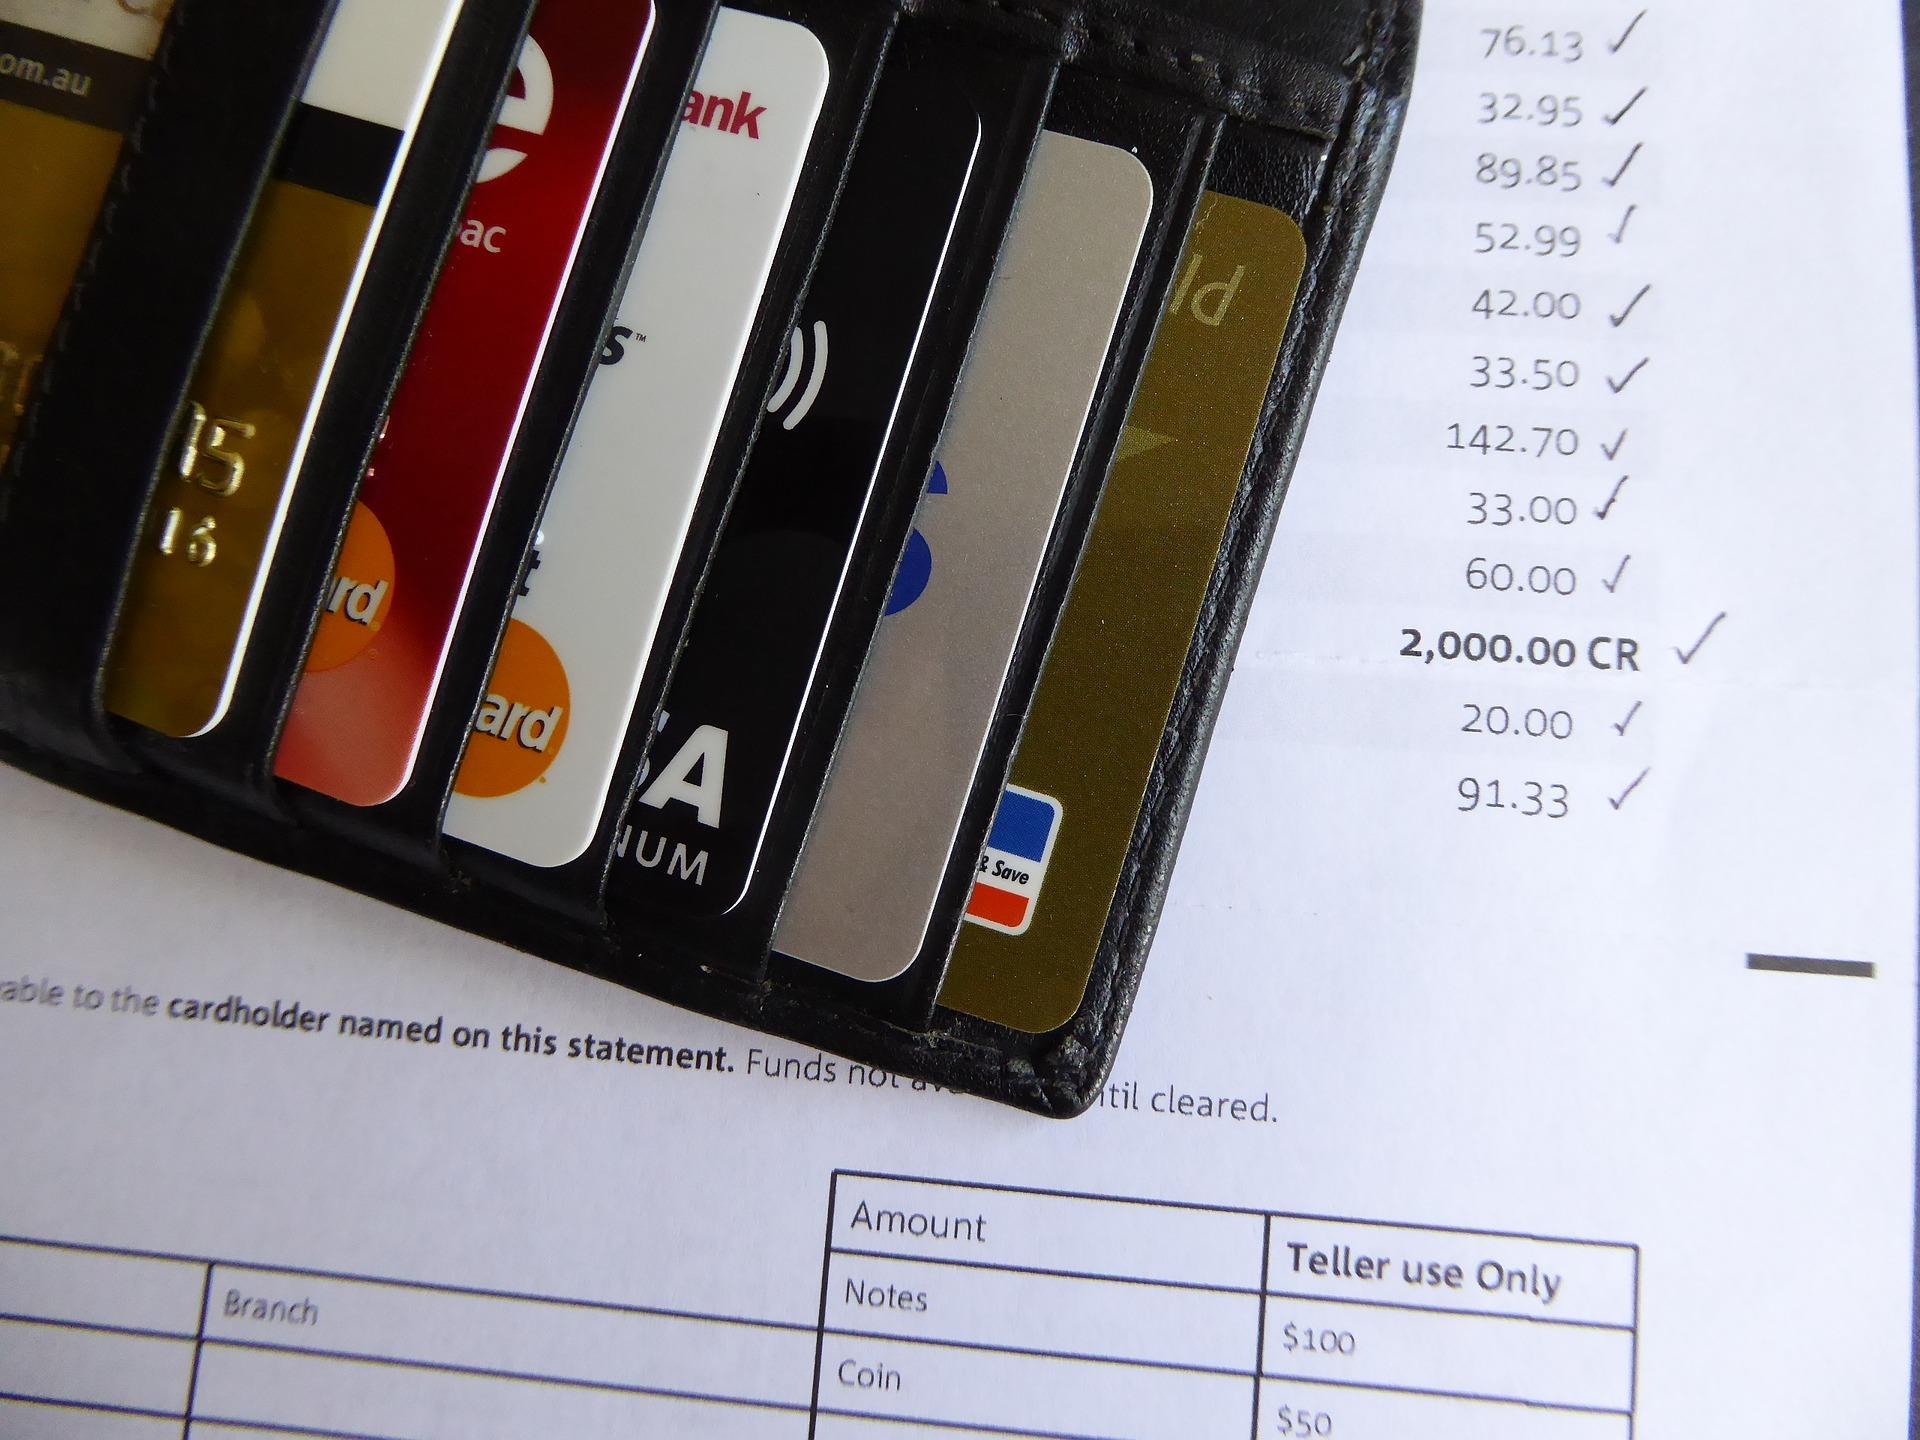 Vergelijk eenvoudige bankrekeningen